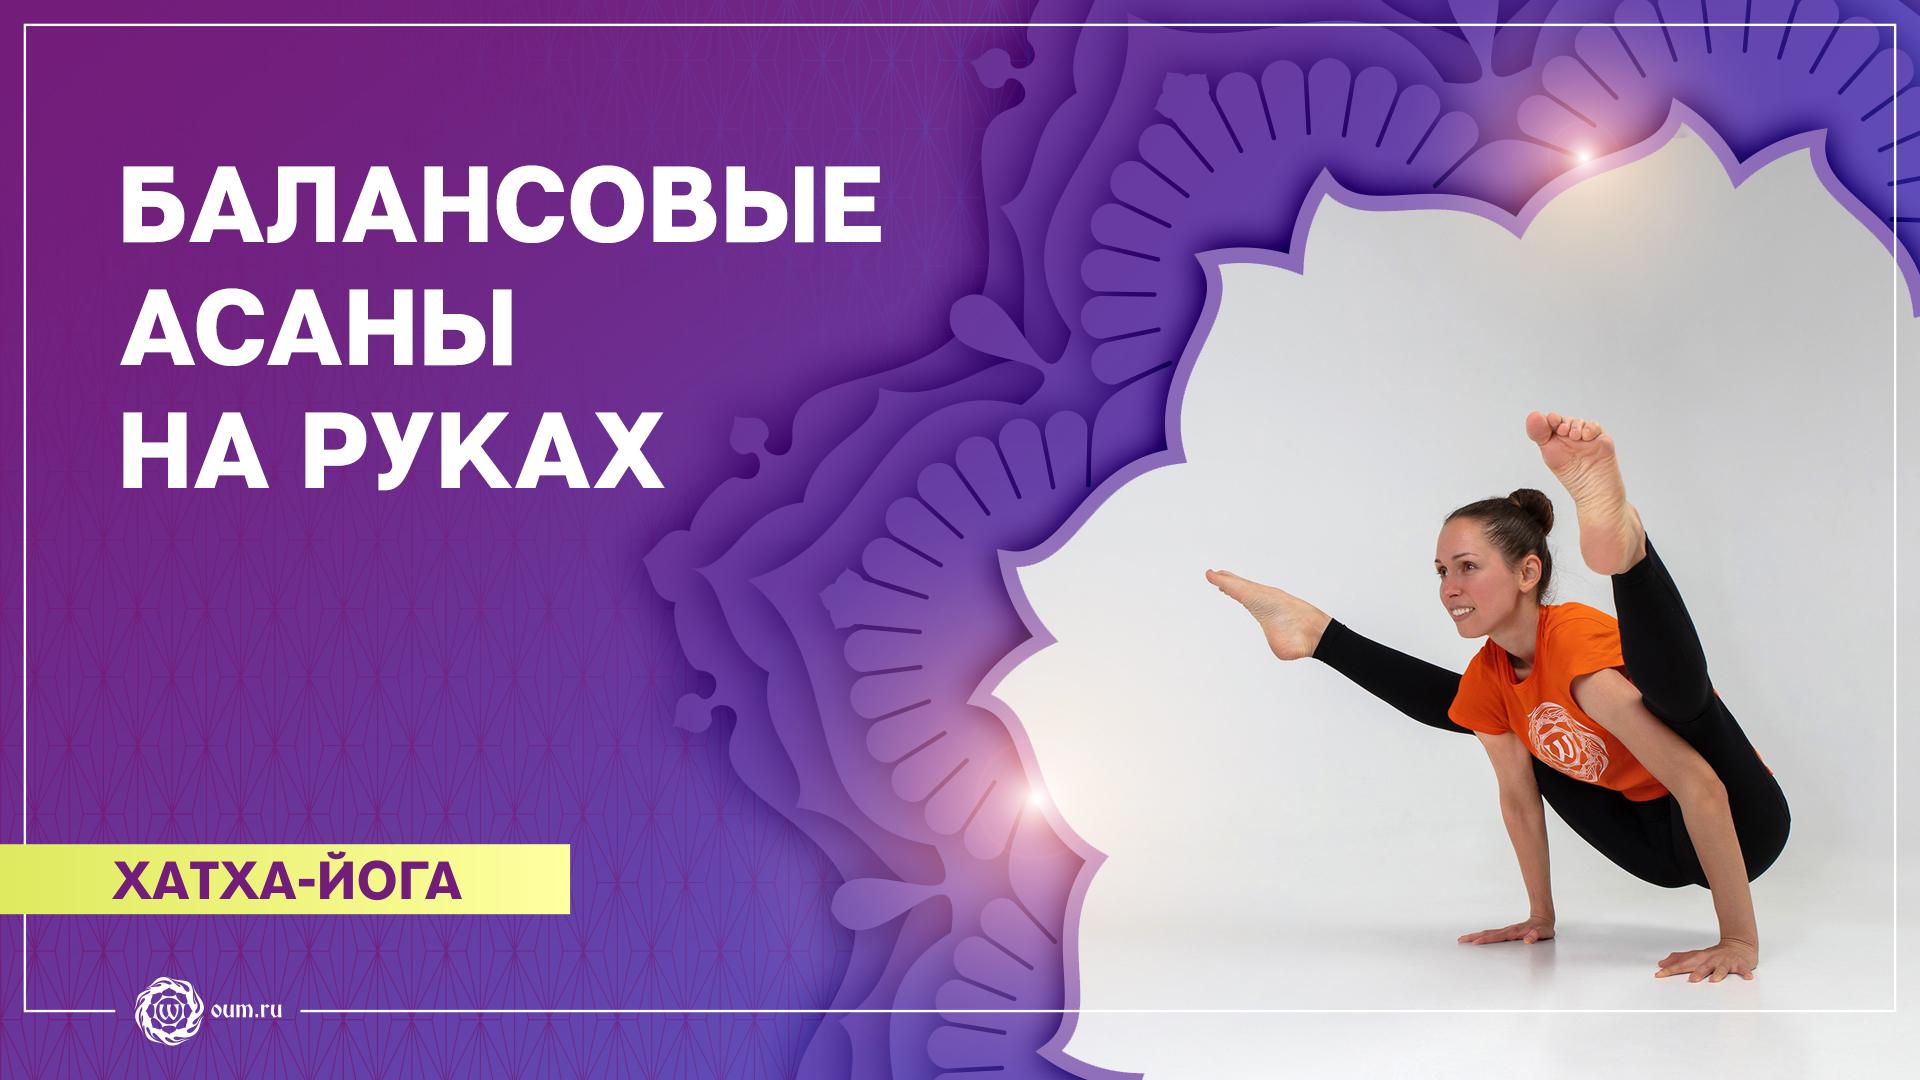 Комплекс хатха-йоги «Балансовые асаны на руках». Екатерина Андросова